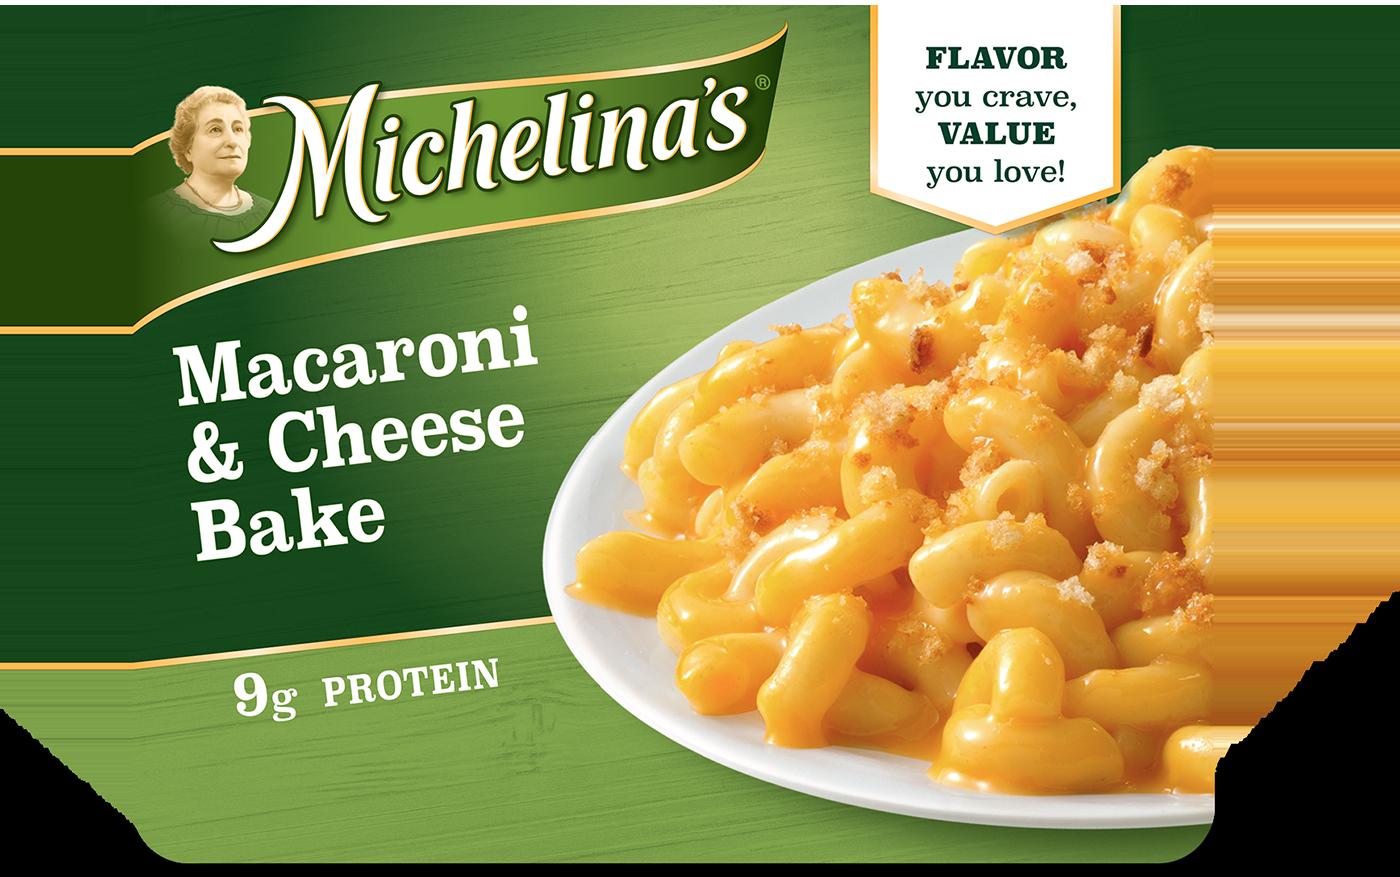 Macaroni & Cheese Bake - Michelina's Frozen Entrees